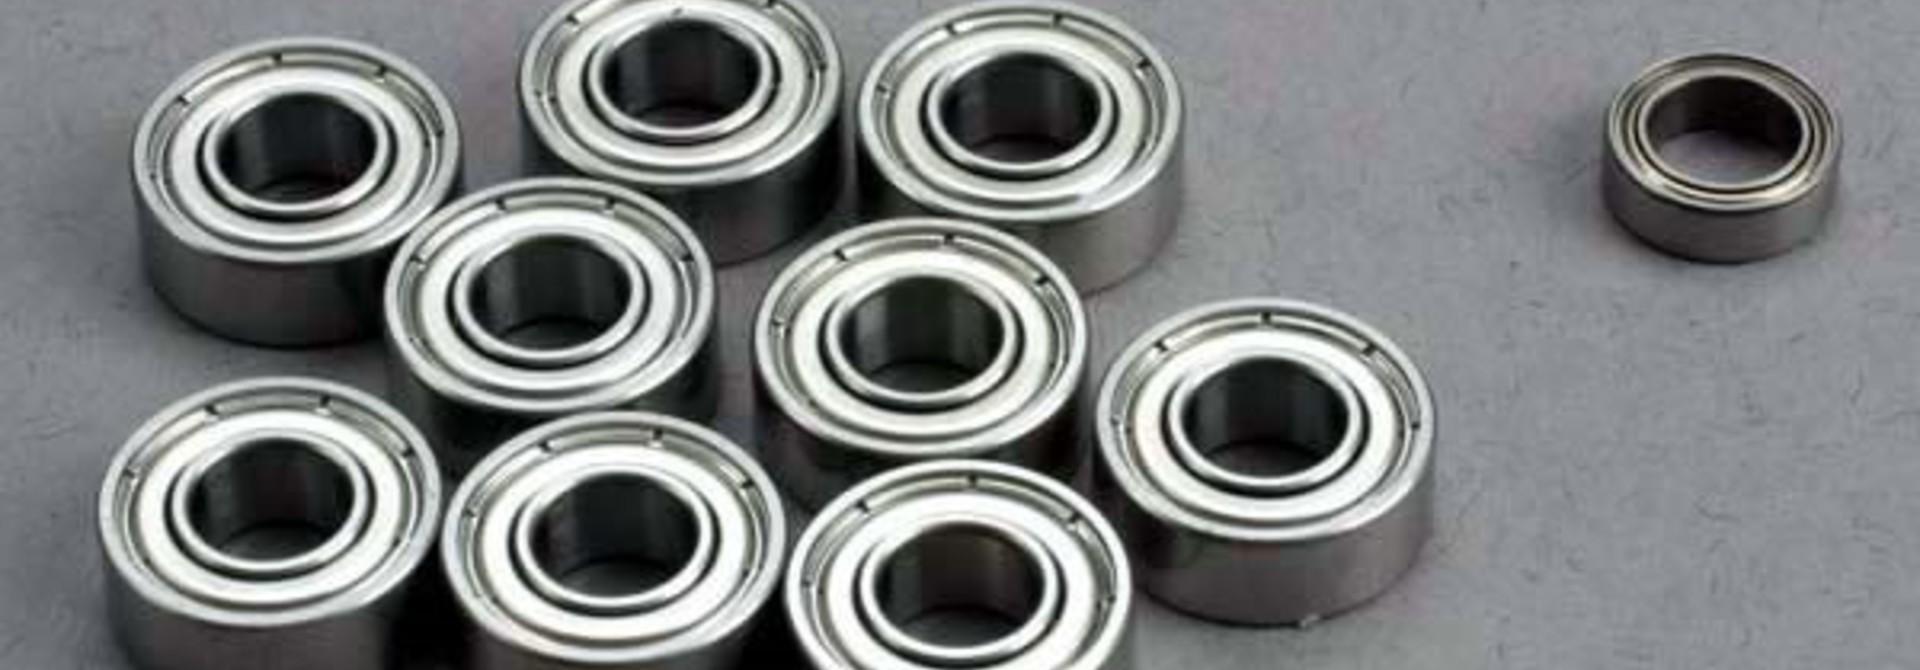 Ball bearing set: 5x11x4mm (9)/ 5x8x2.5mm (1), TRX1259